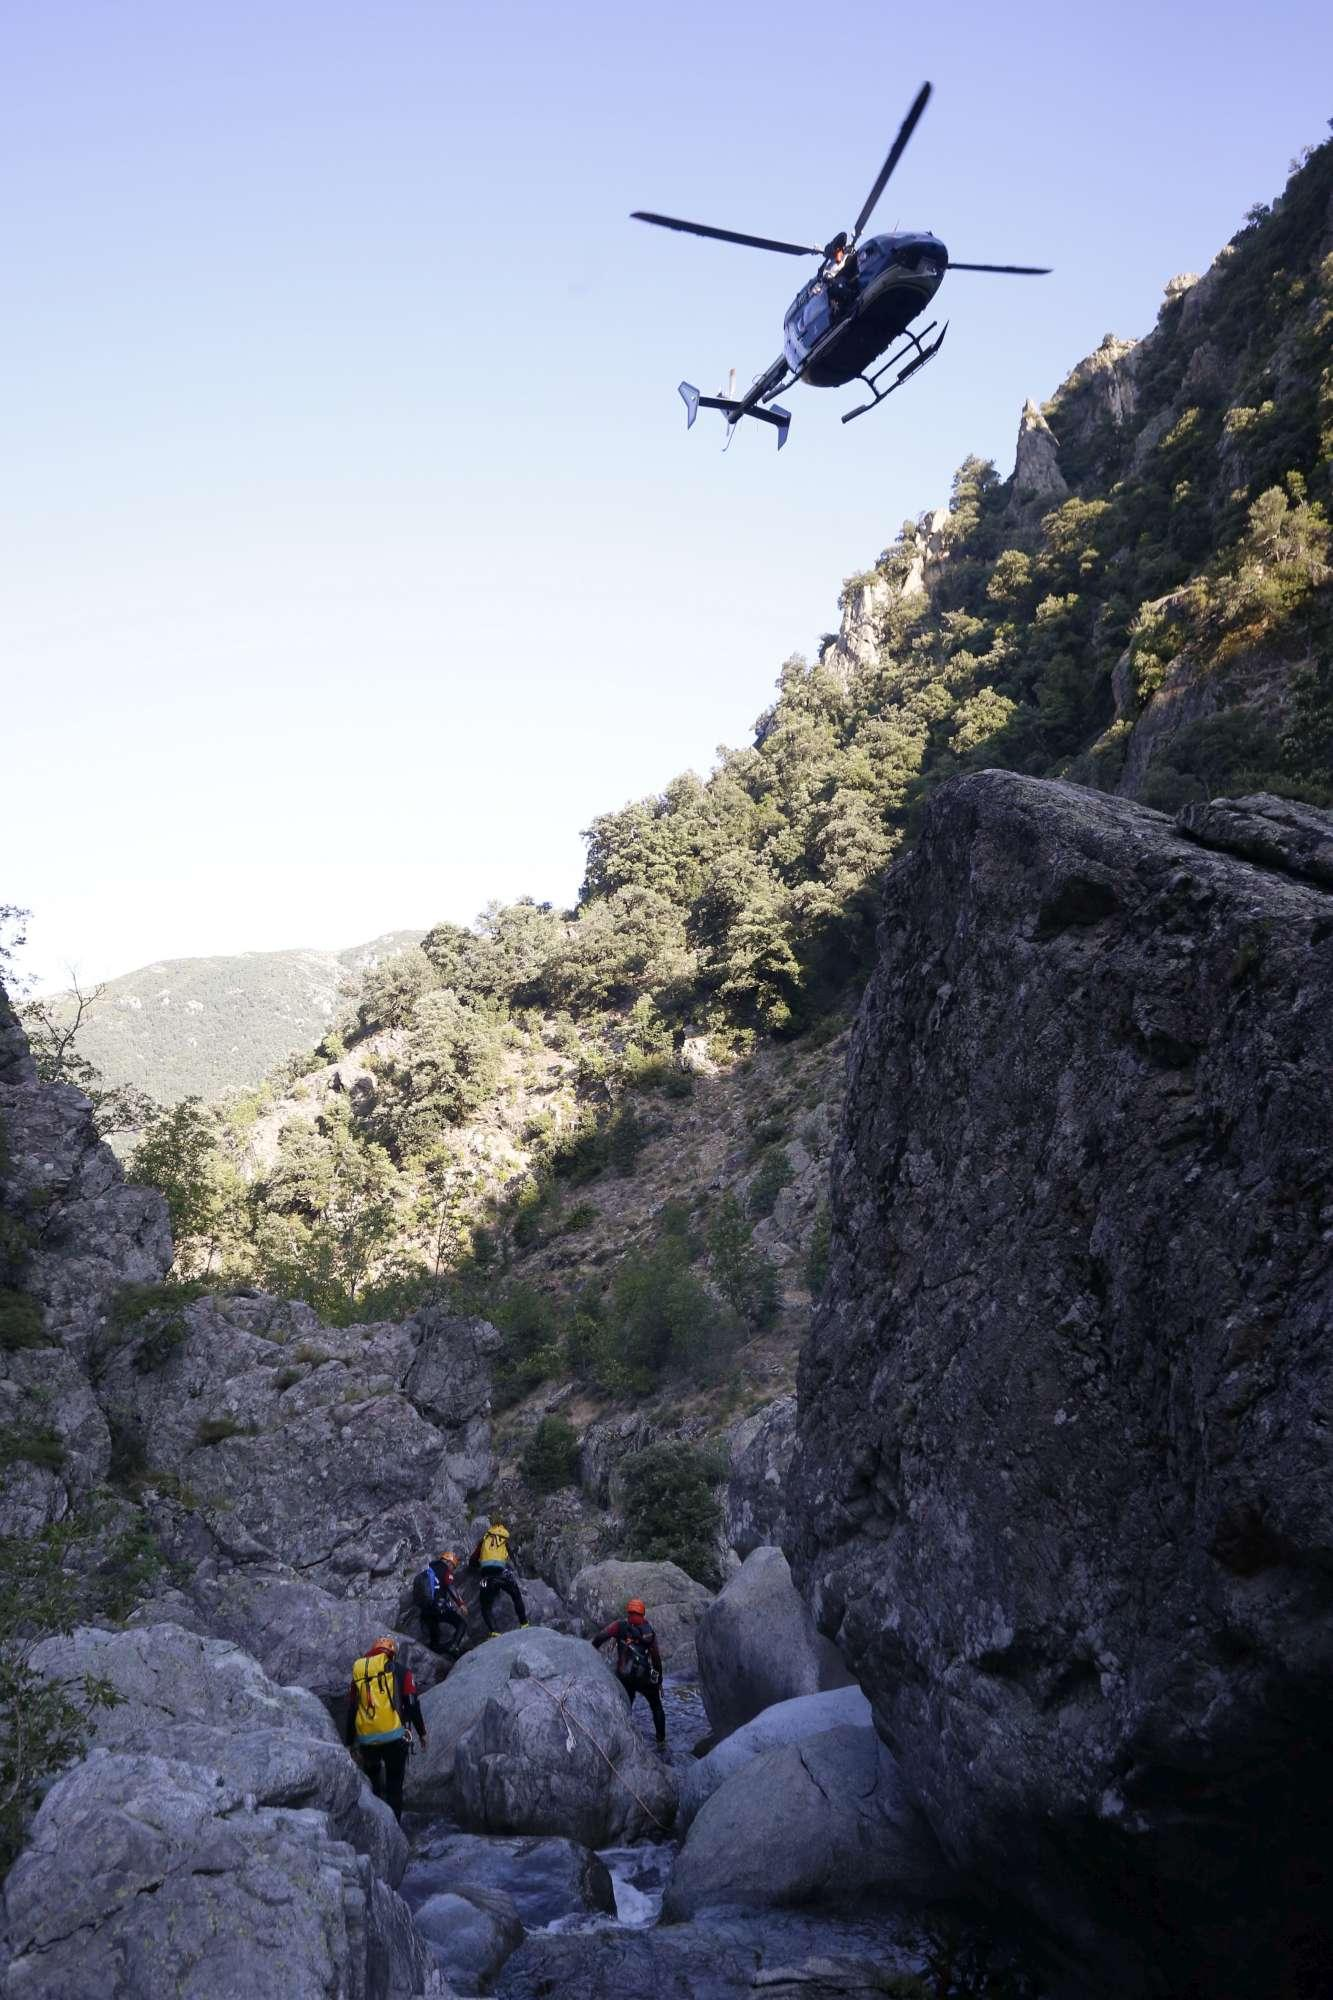 Corsica, alluvione nel canyon di Zoicu: 4 morti